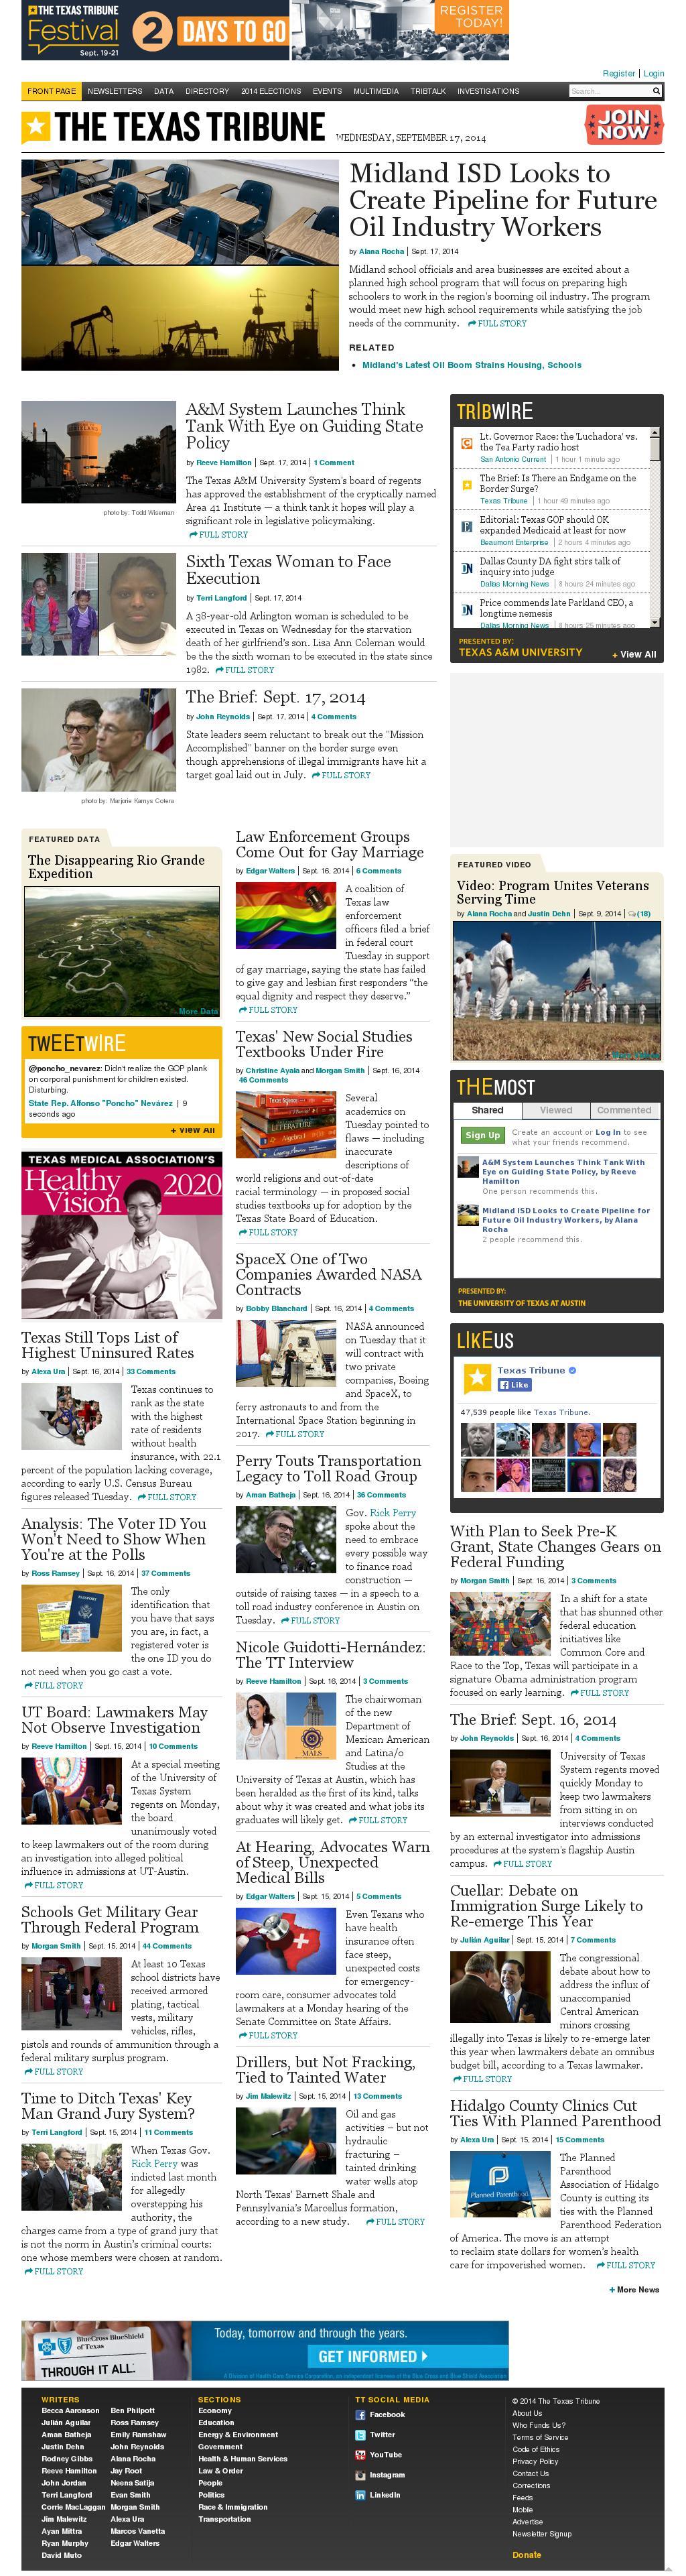 The Texas Tribune at Wednesday Sept. 17, 2014, 1:21 p.m. UTC